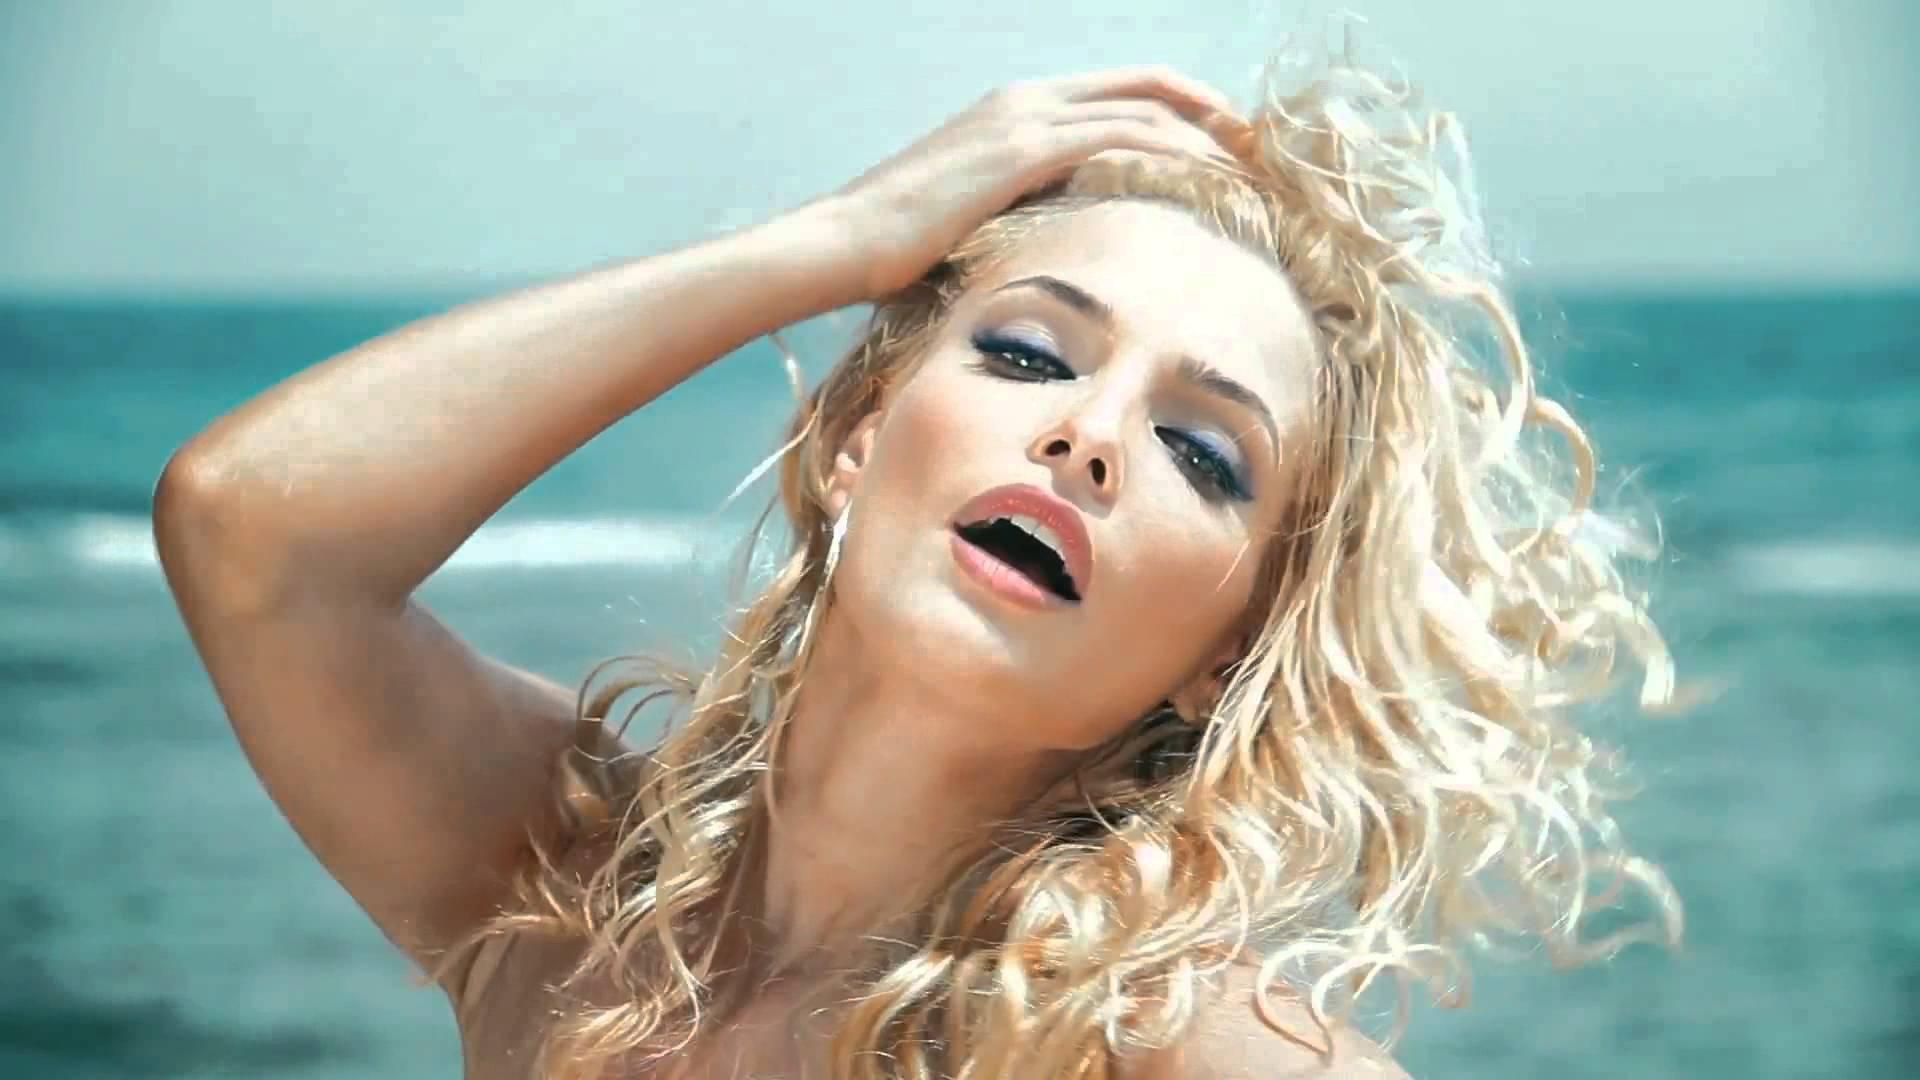 Татьяна Котова в алом бикини украсила обложку журнала